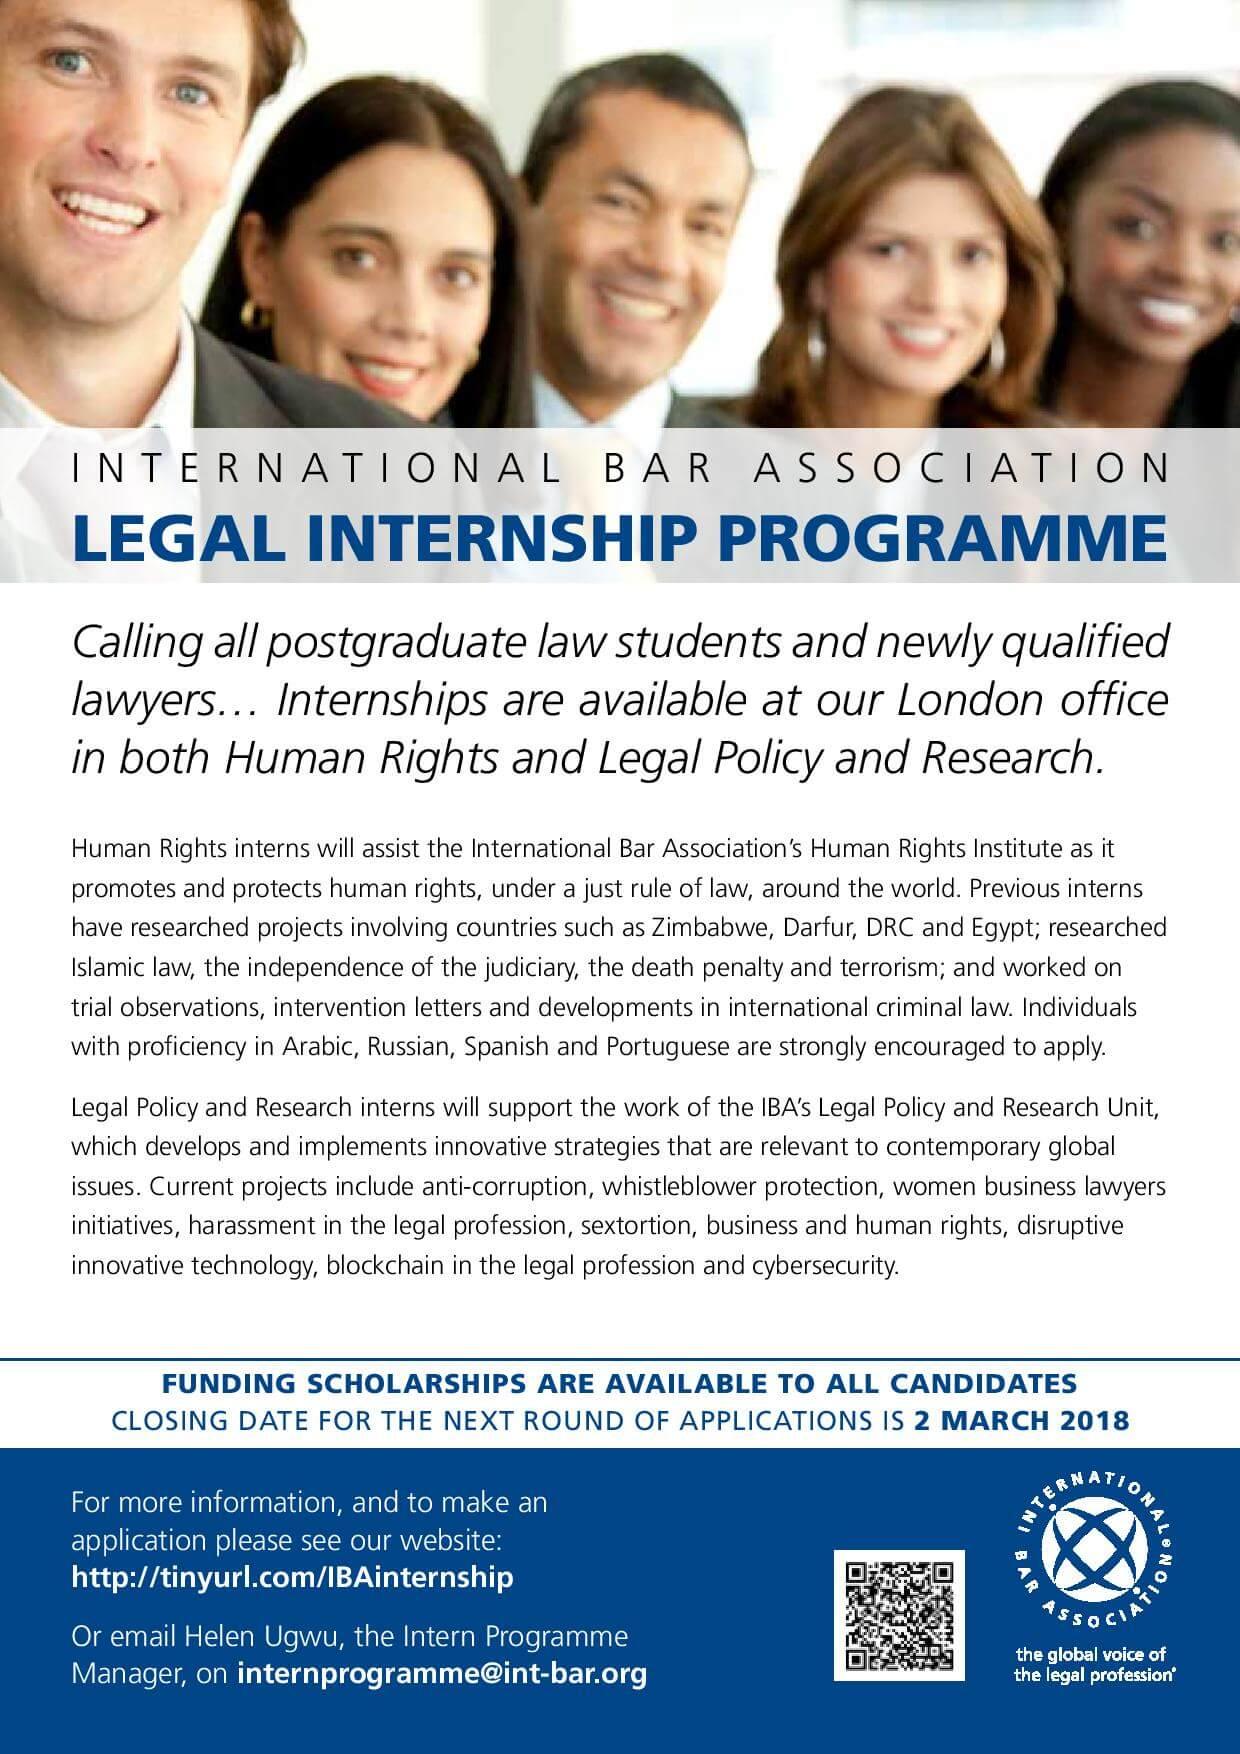 International Bar Association Internships